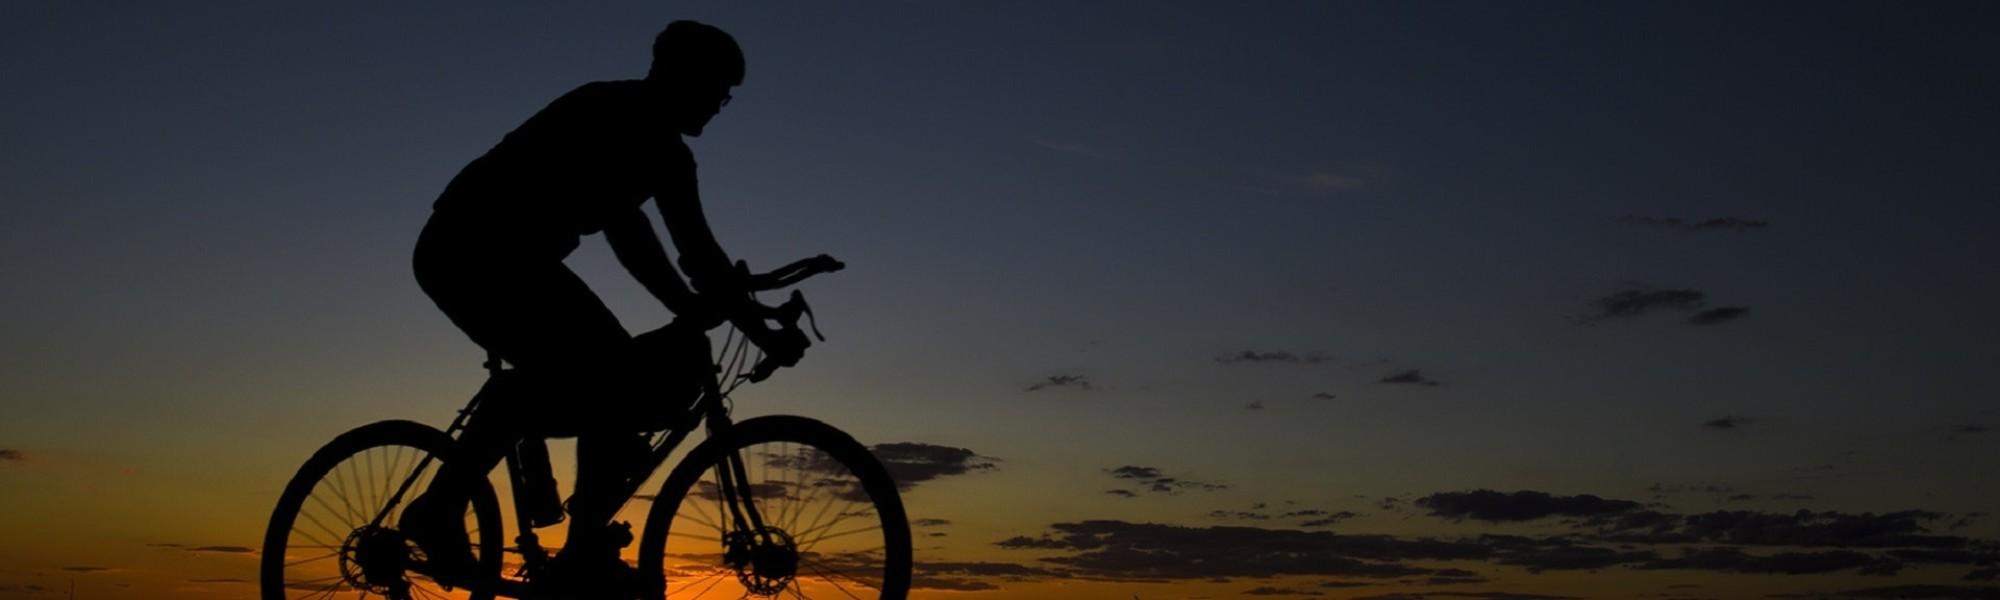 Mies ajaa pyörällä illansuussa